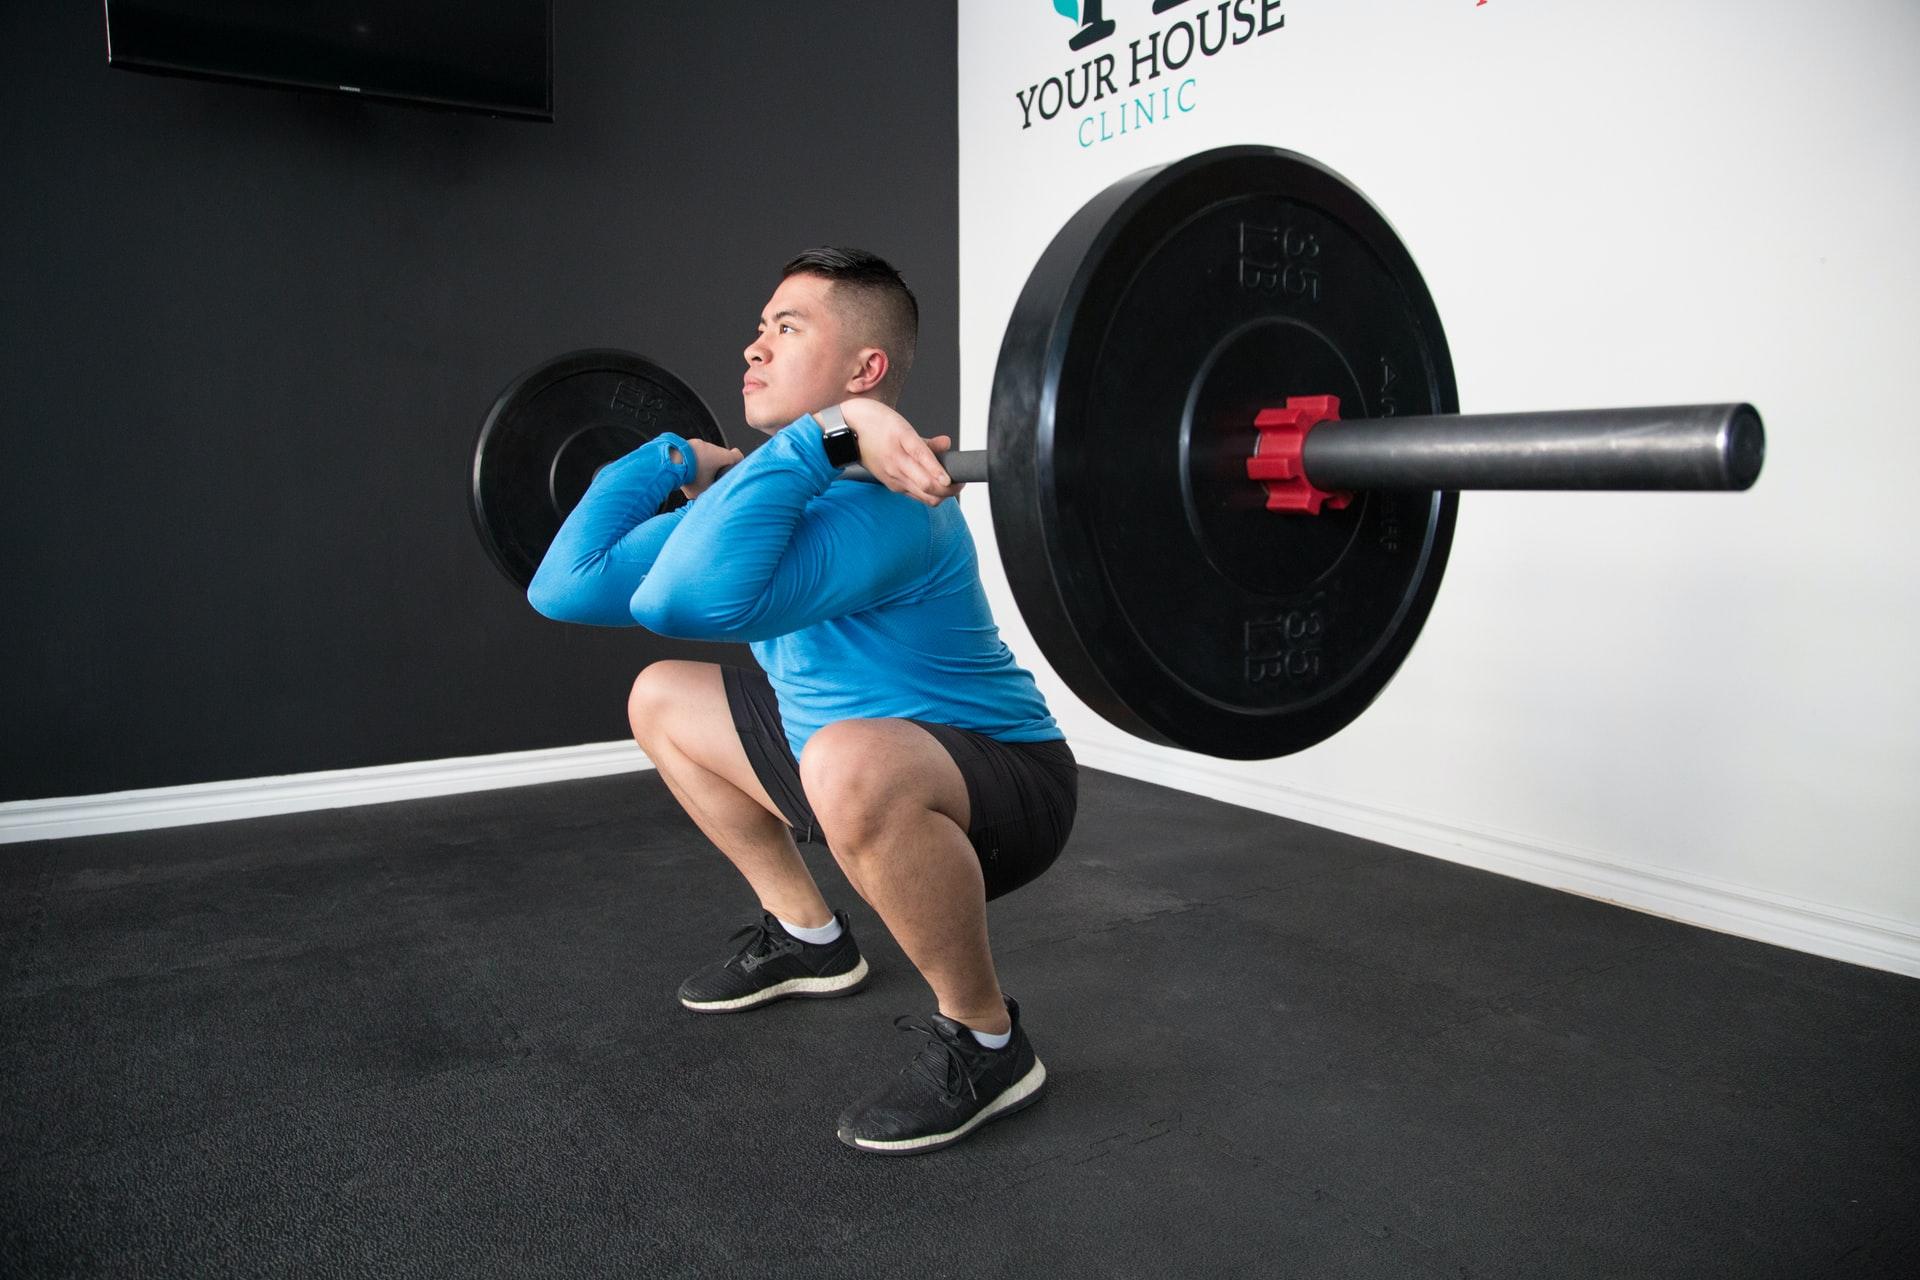 front squat door een man met blauw shirt in de sportschool